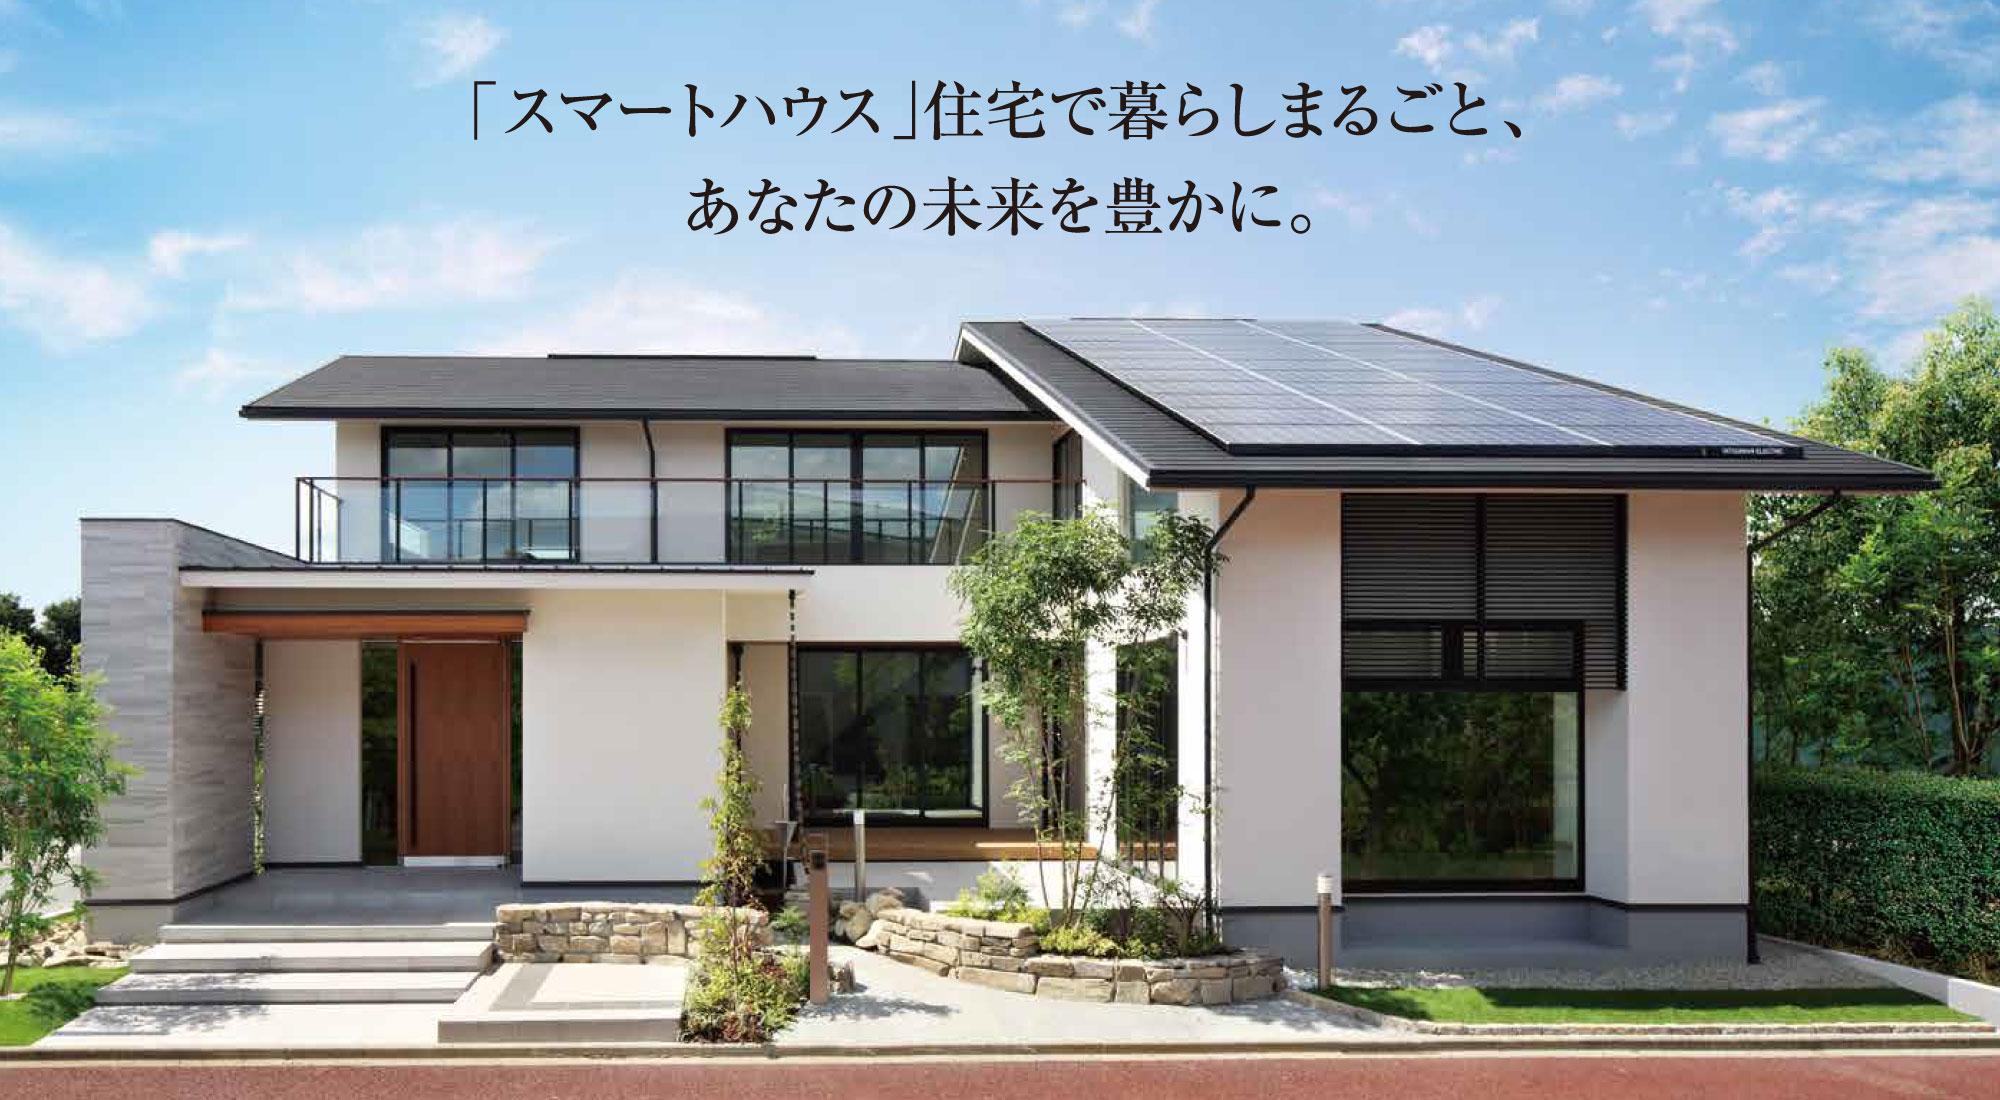 「スマートハウス」住宅で暮らしまるごと、あなたの未来を豊かに。